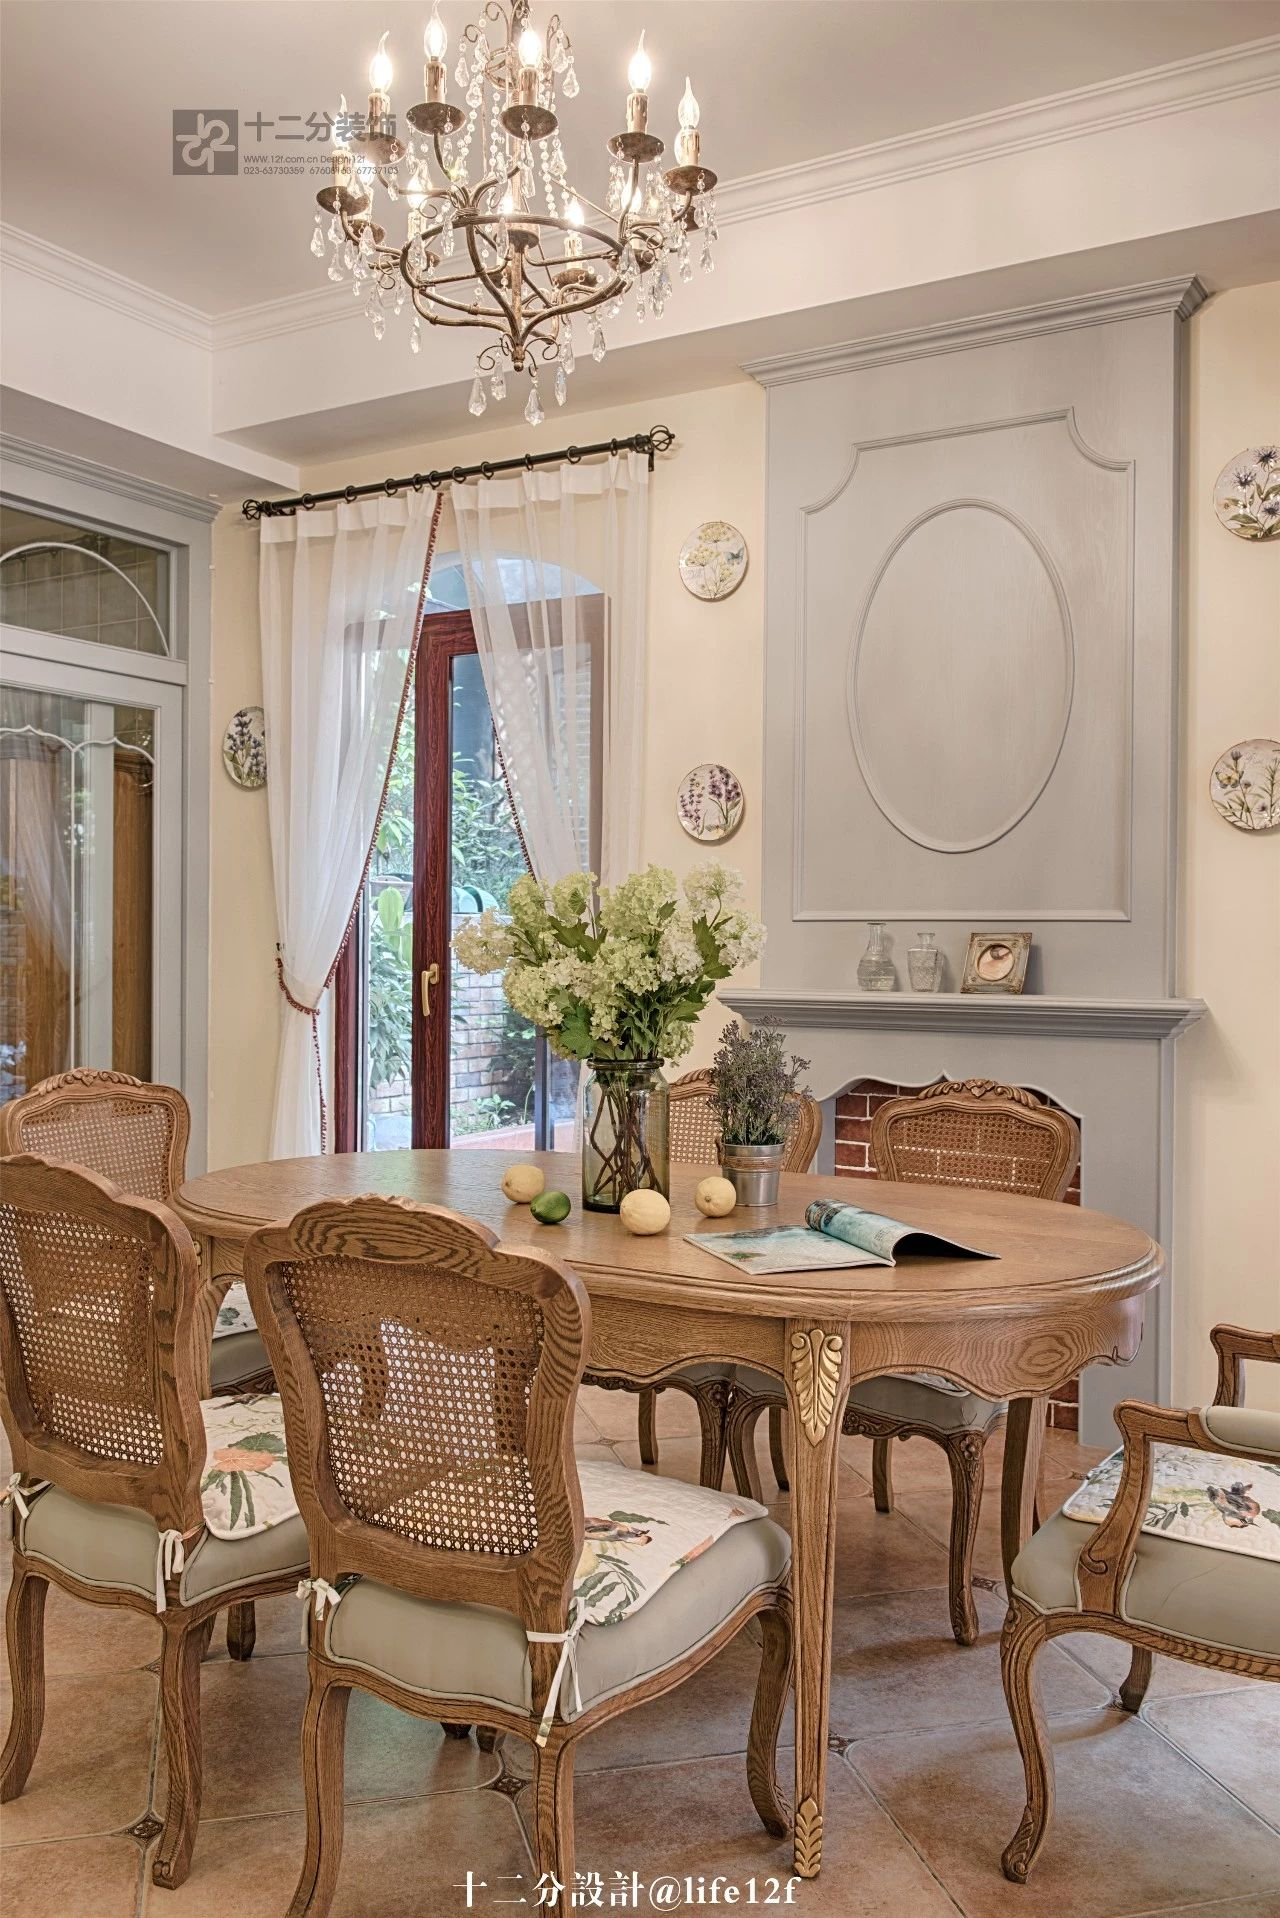 法式乡村风格别墅餐厅装修效果图